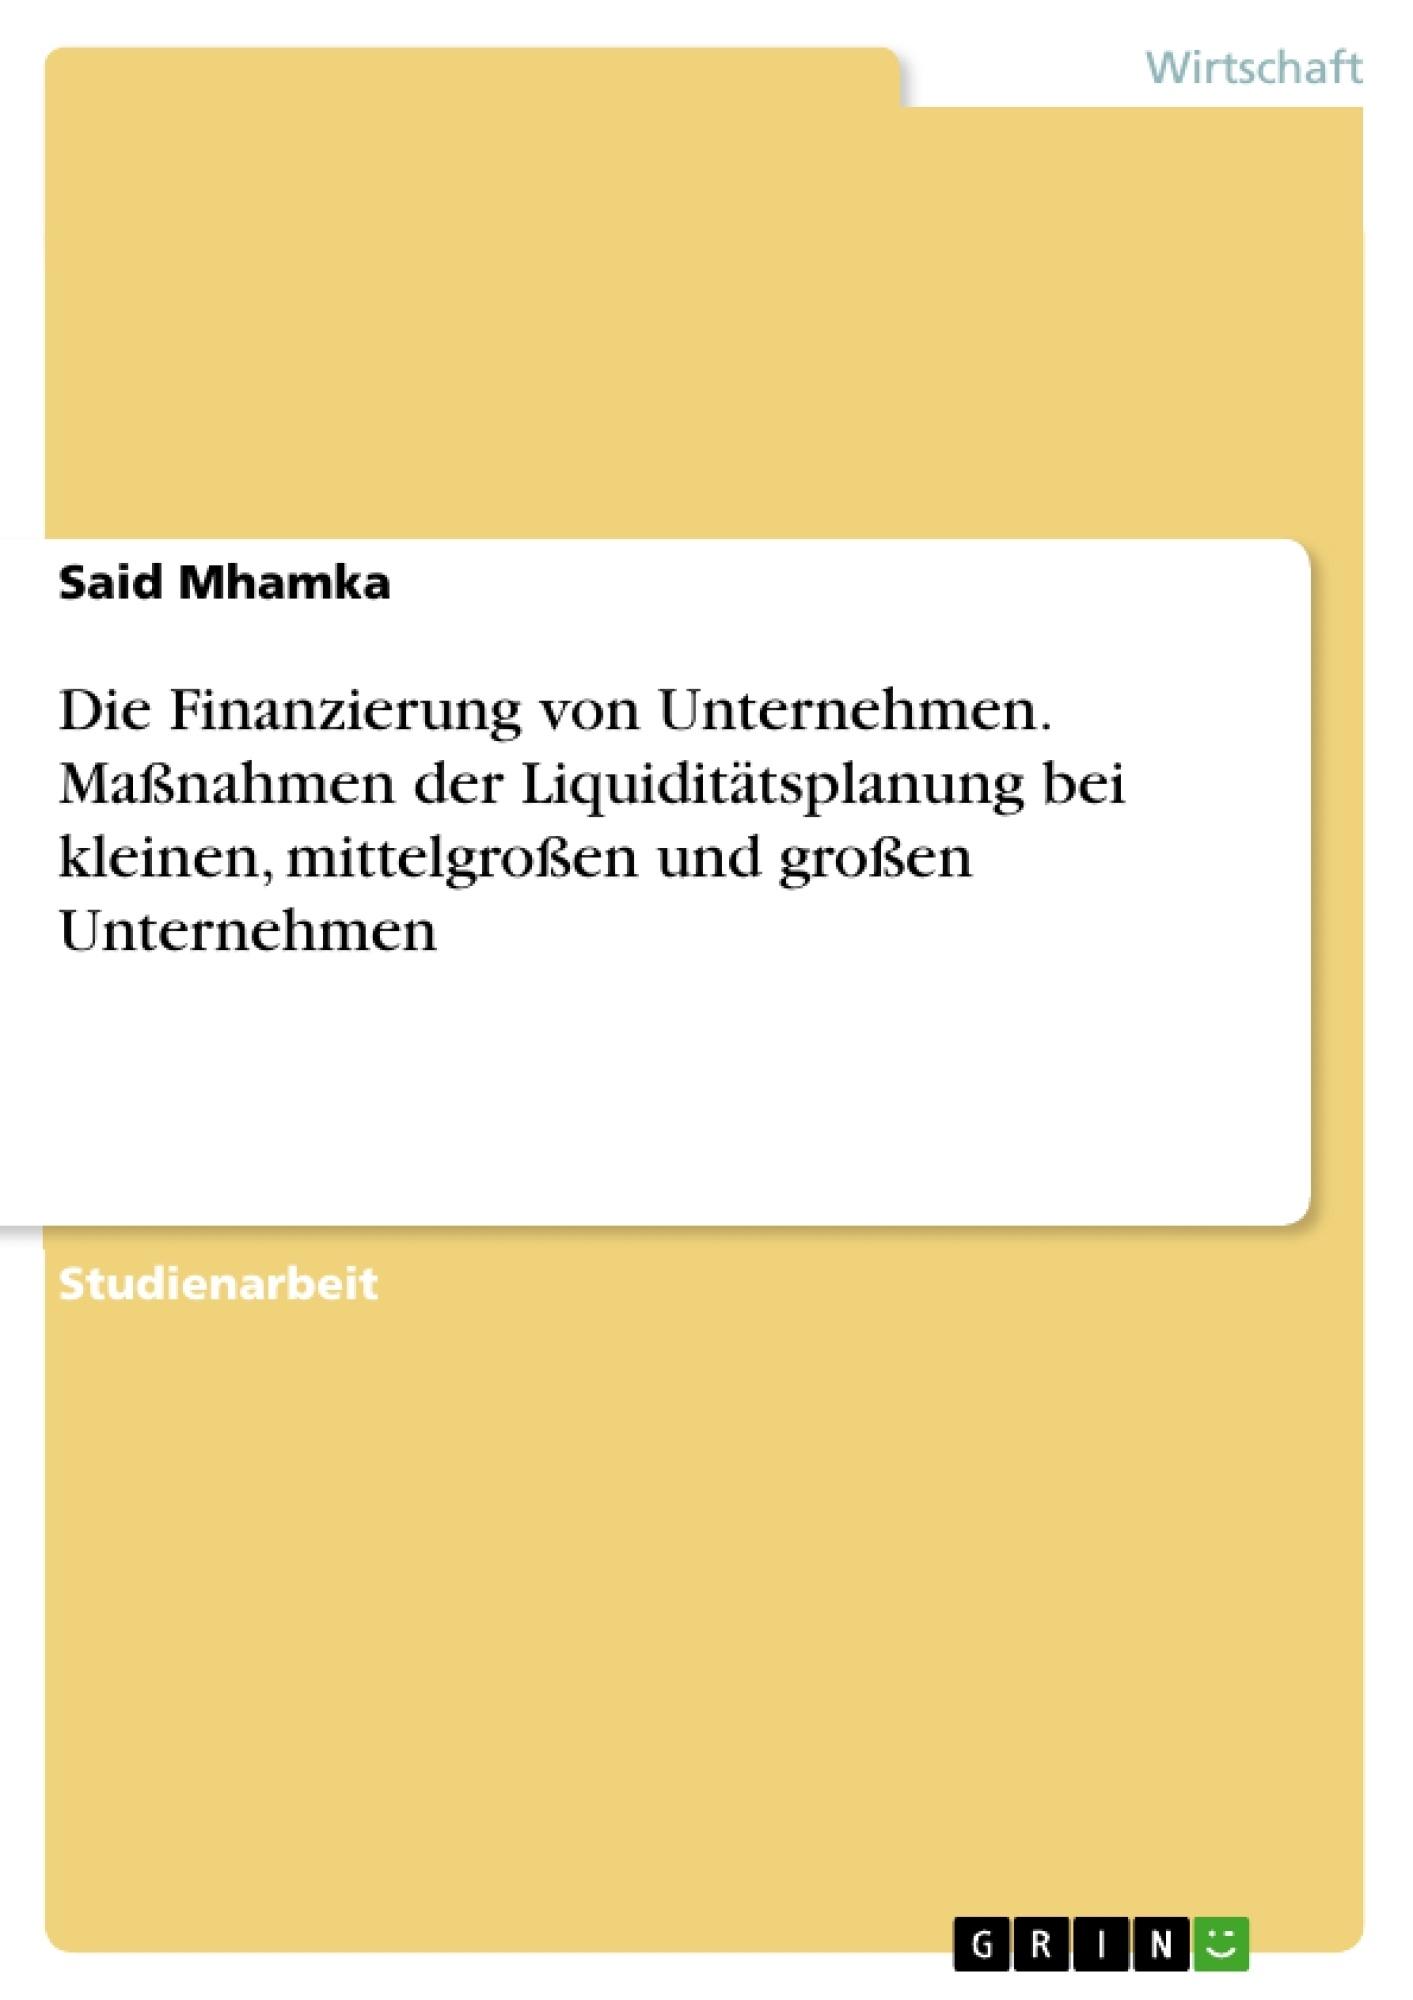 Titel: Die Finanzierung von Unternehmen. Maßnahmen der Liquiditätsplanung bei kleinen, mittelgroßen und großen Unternehmen